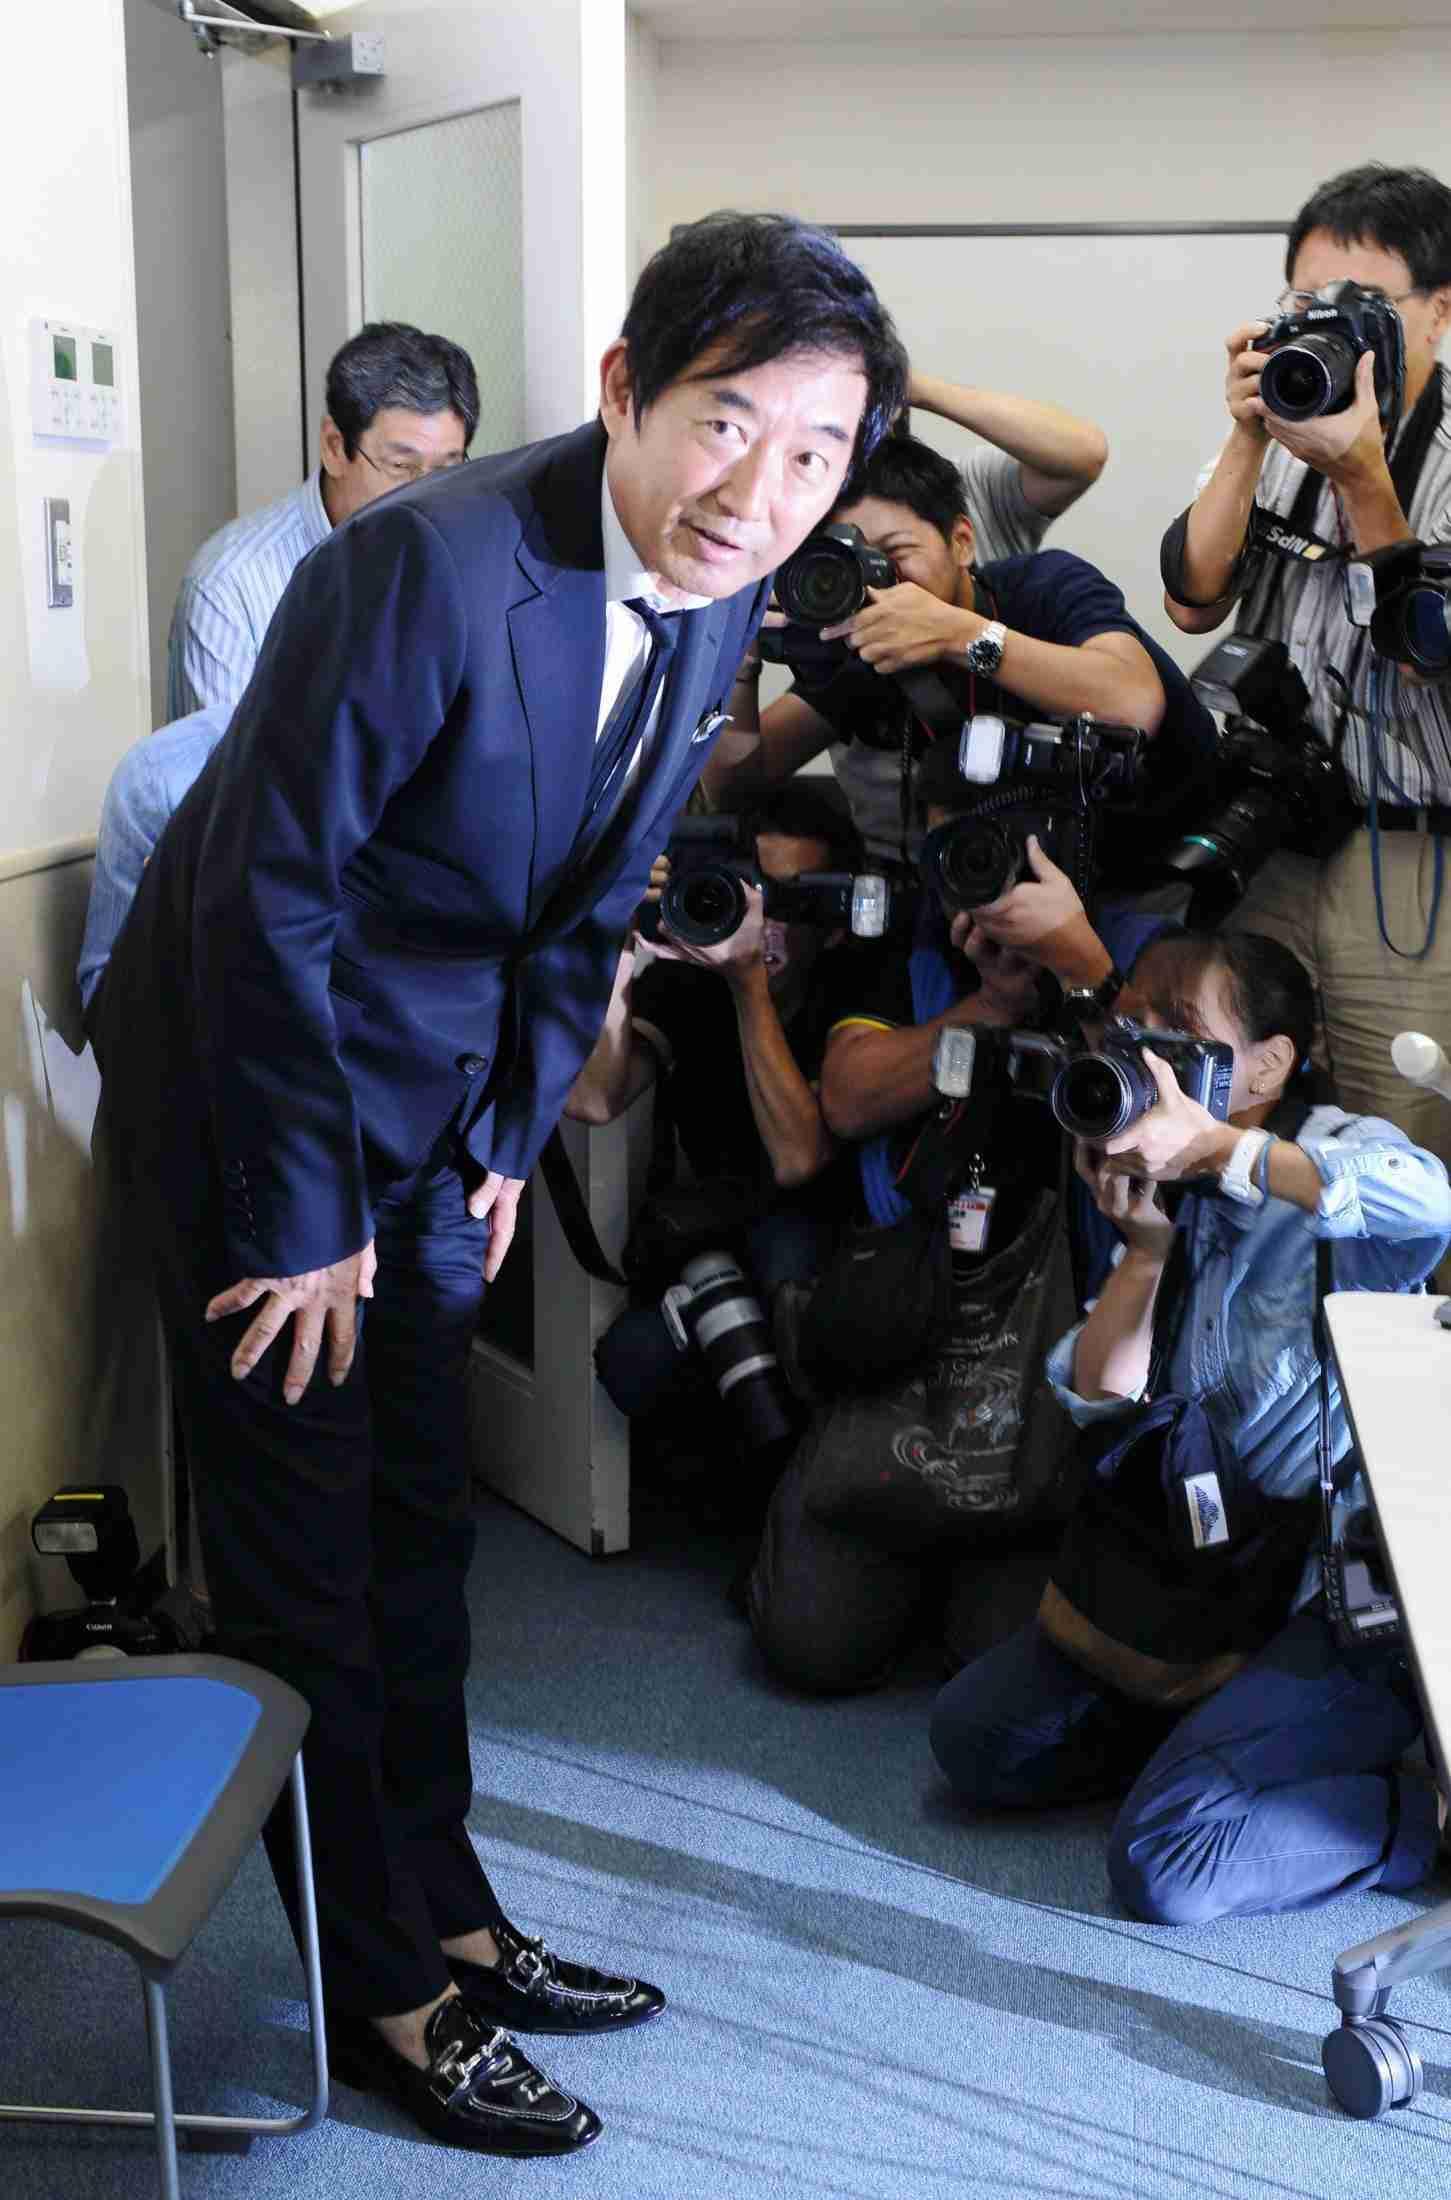 石田純一にネット上で厳しい意見 会見内容は「国政」との指摘 (デイリースポーツ) - Yahoo!ニュース